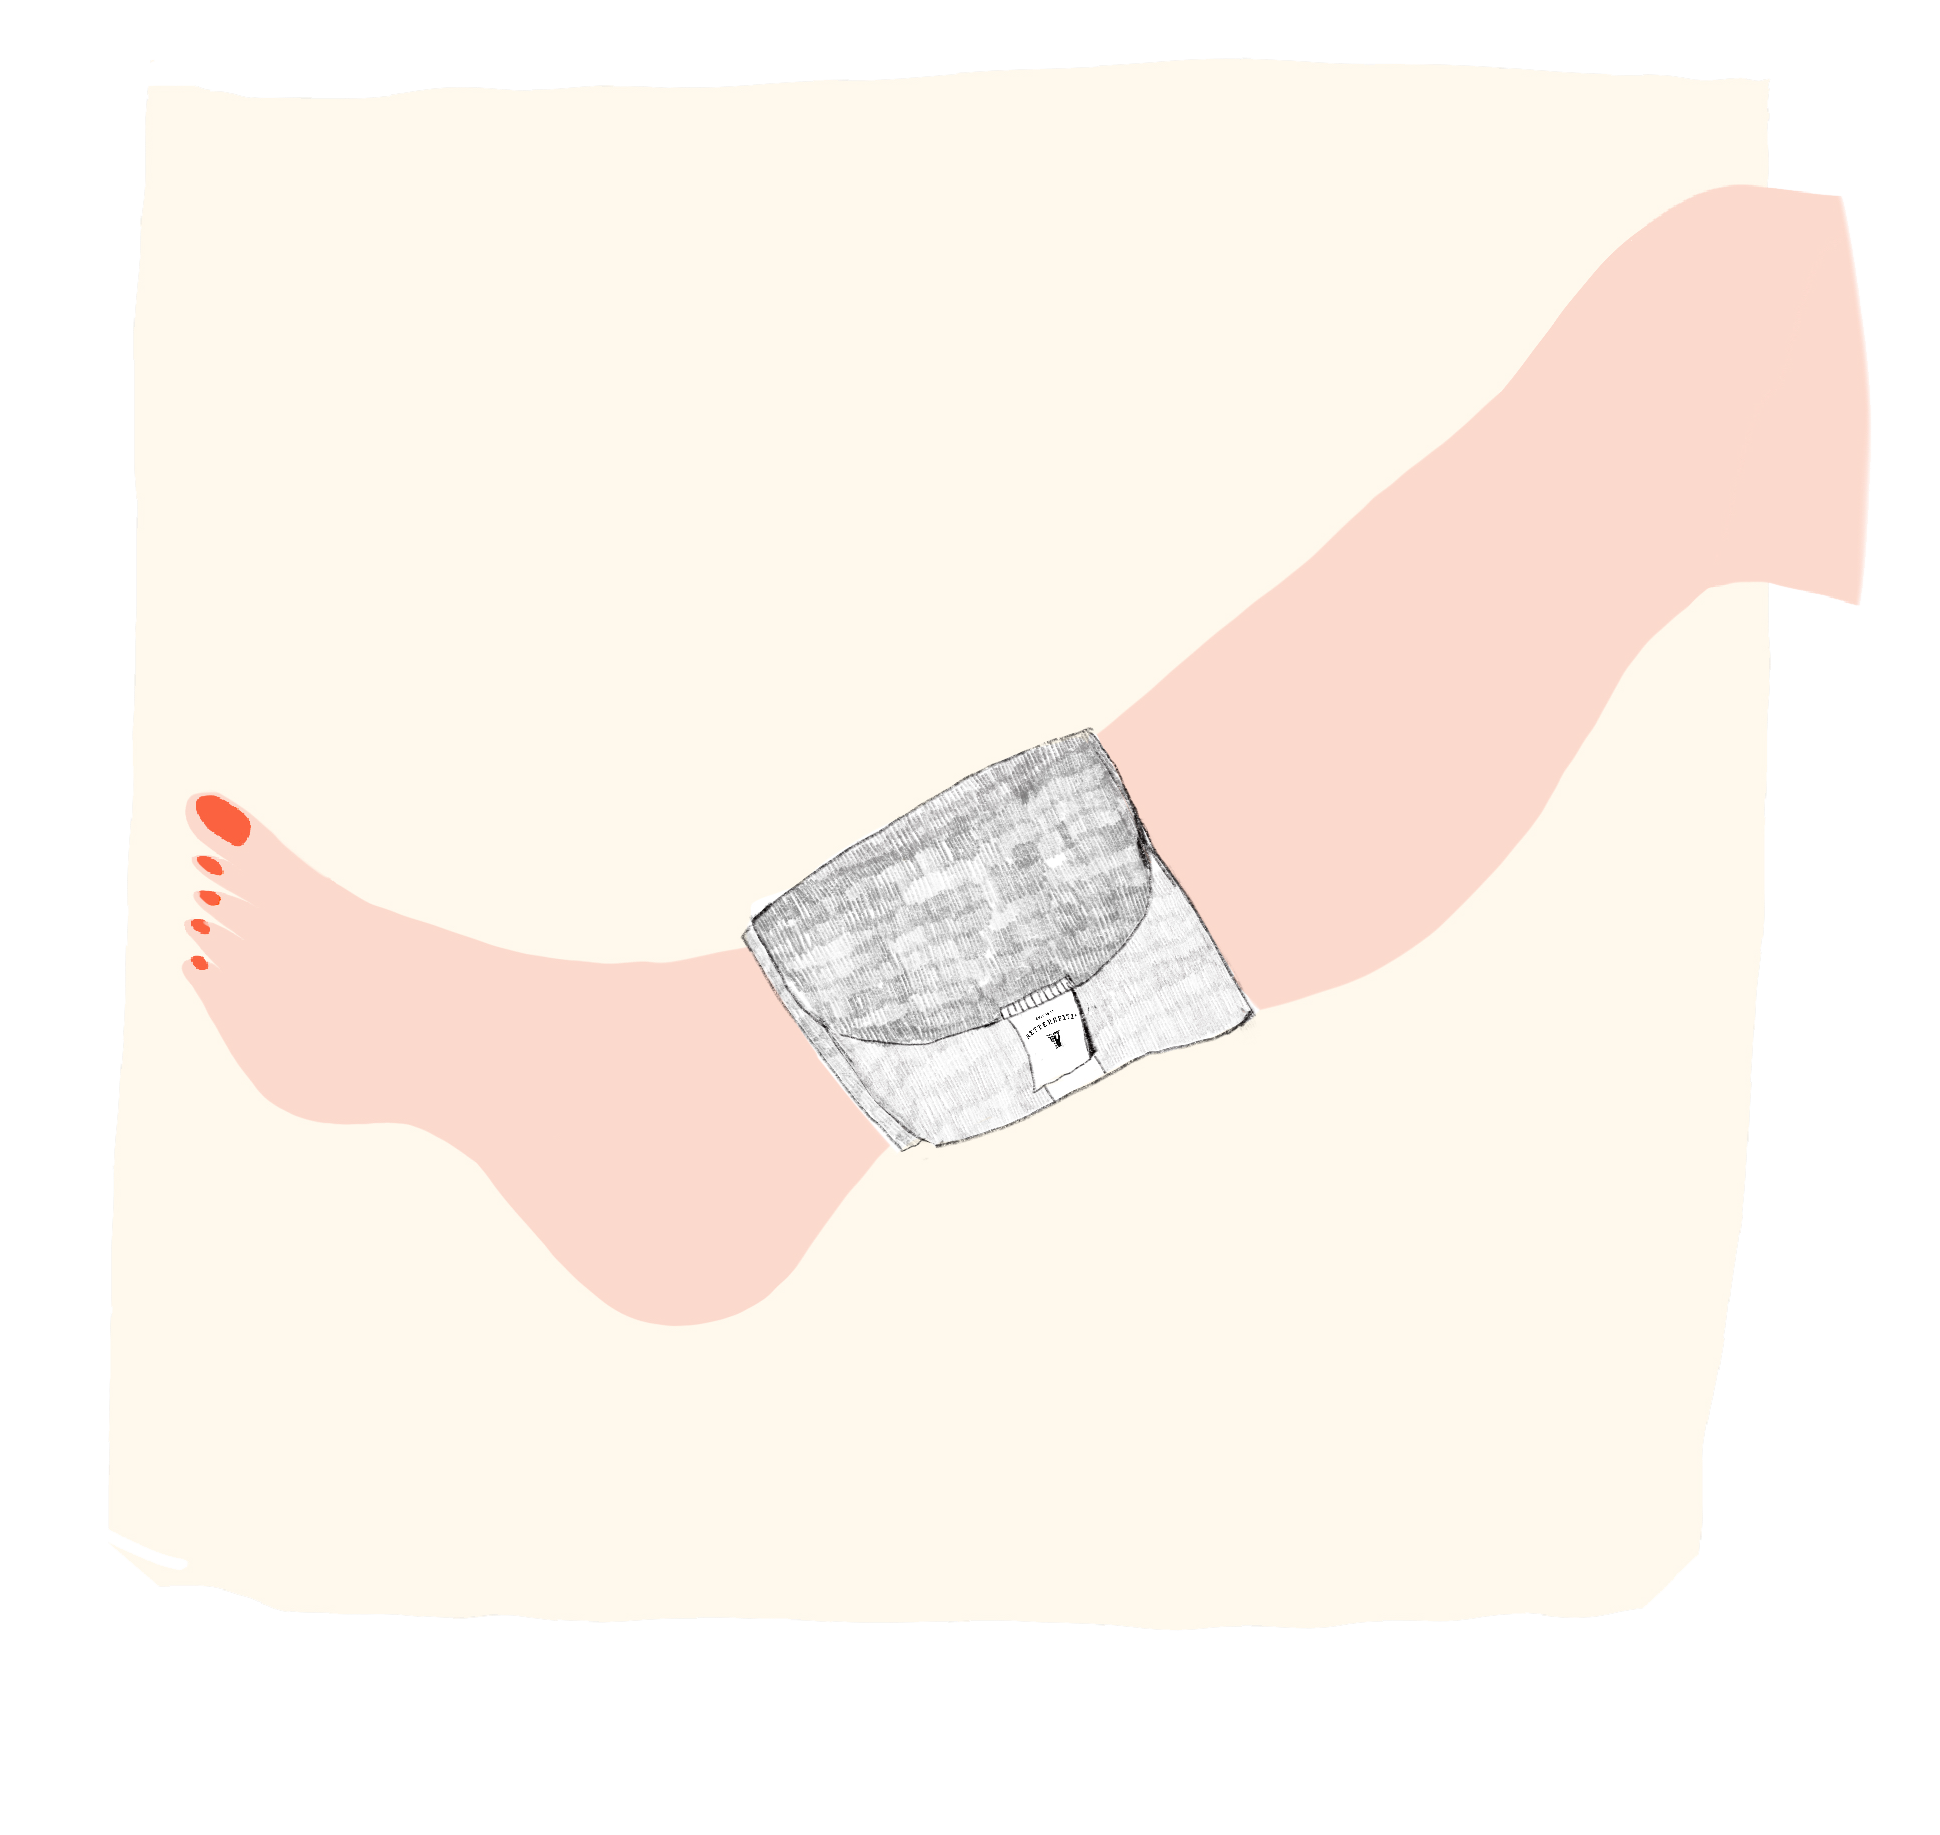 Anwendung von Retterspitz Wickel für Hals und kleinere Gelenke